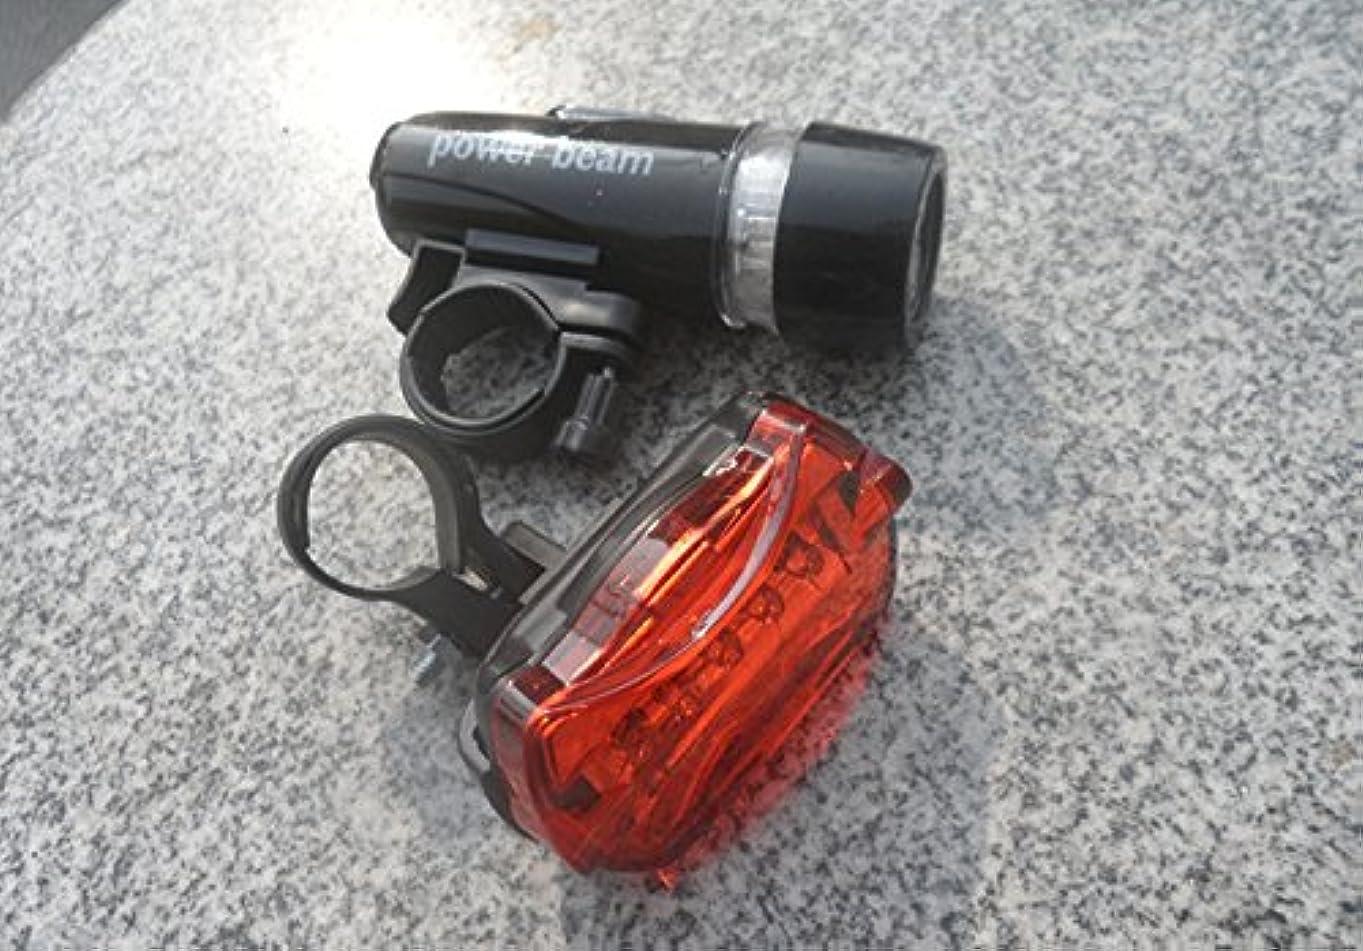 宙返りロマンス電気自転車ライト LIANHENG 自転車用 LED 強力 ハンディ 軍用 懐中電灯 最強クラス 生活防水 ヘッドライトキット